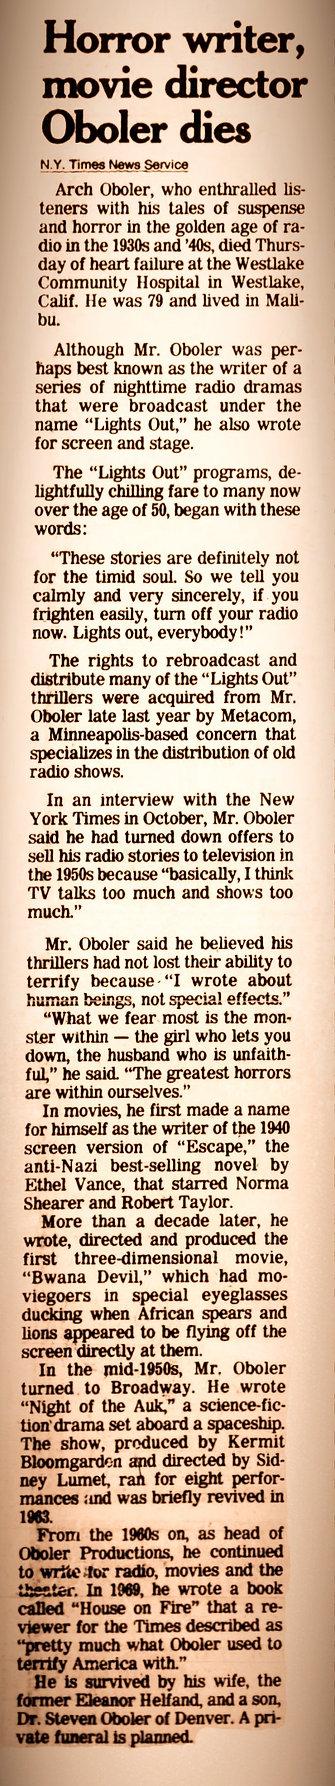 1987 Arch Oboler obit - The_South_Bend_T